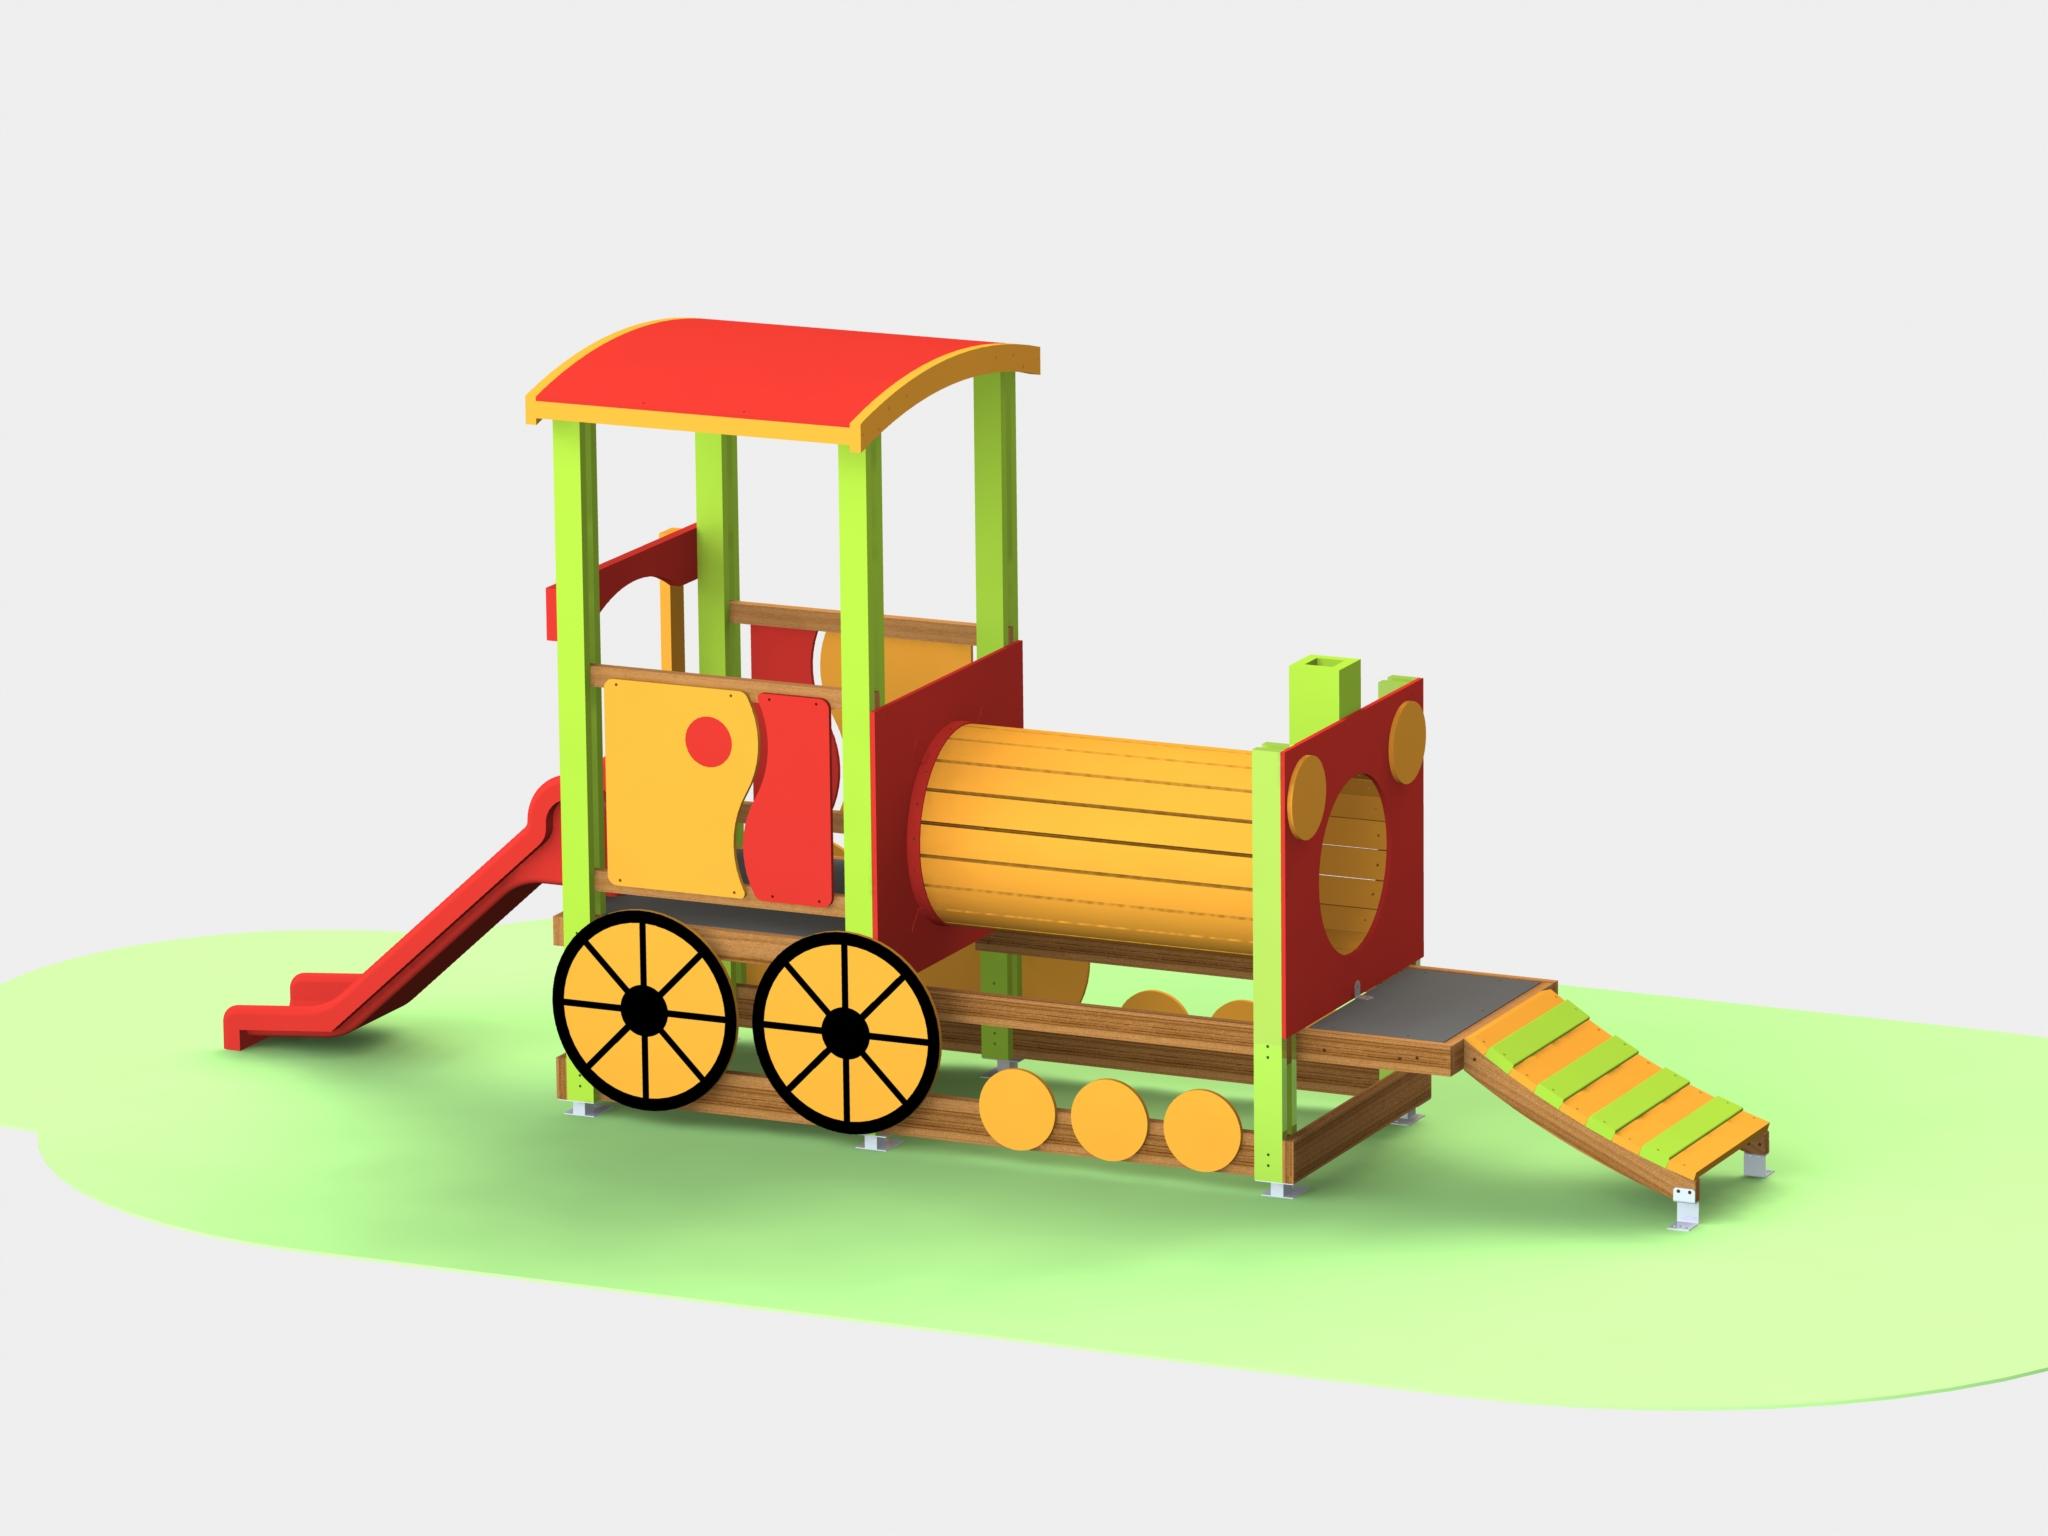 Снимка на продукта: Комбинирано детско съоръжение, модел Т11